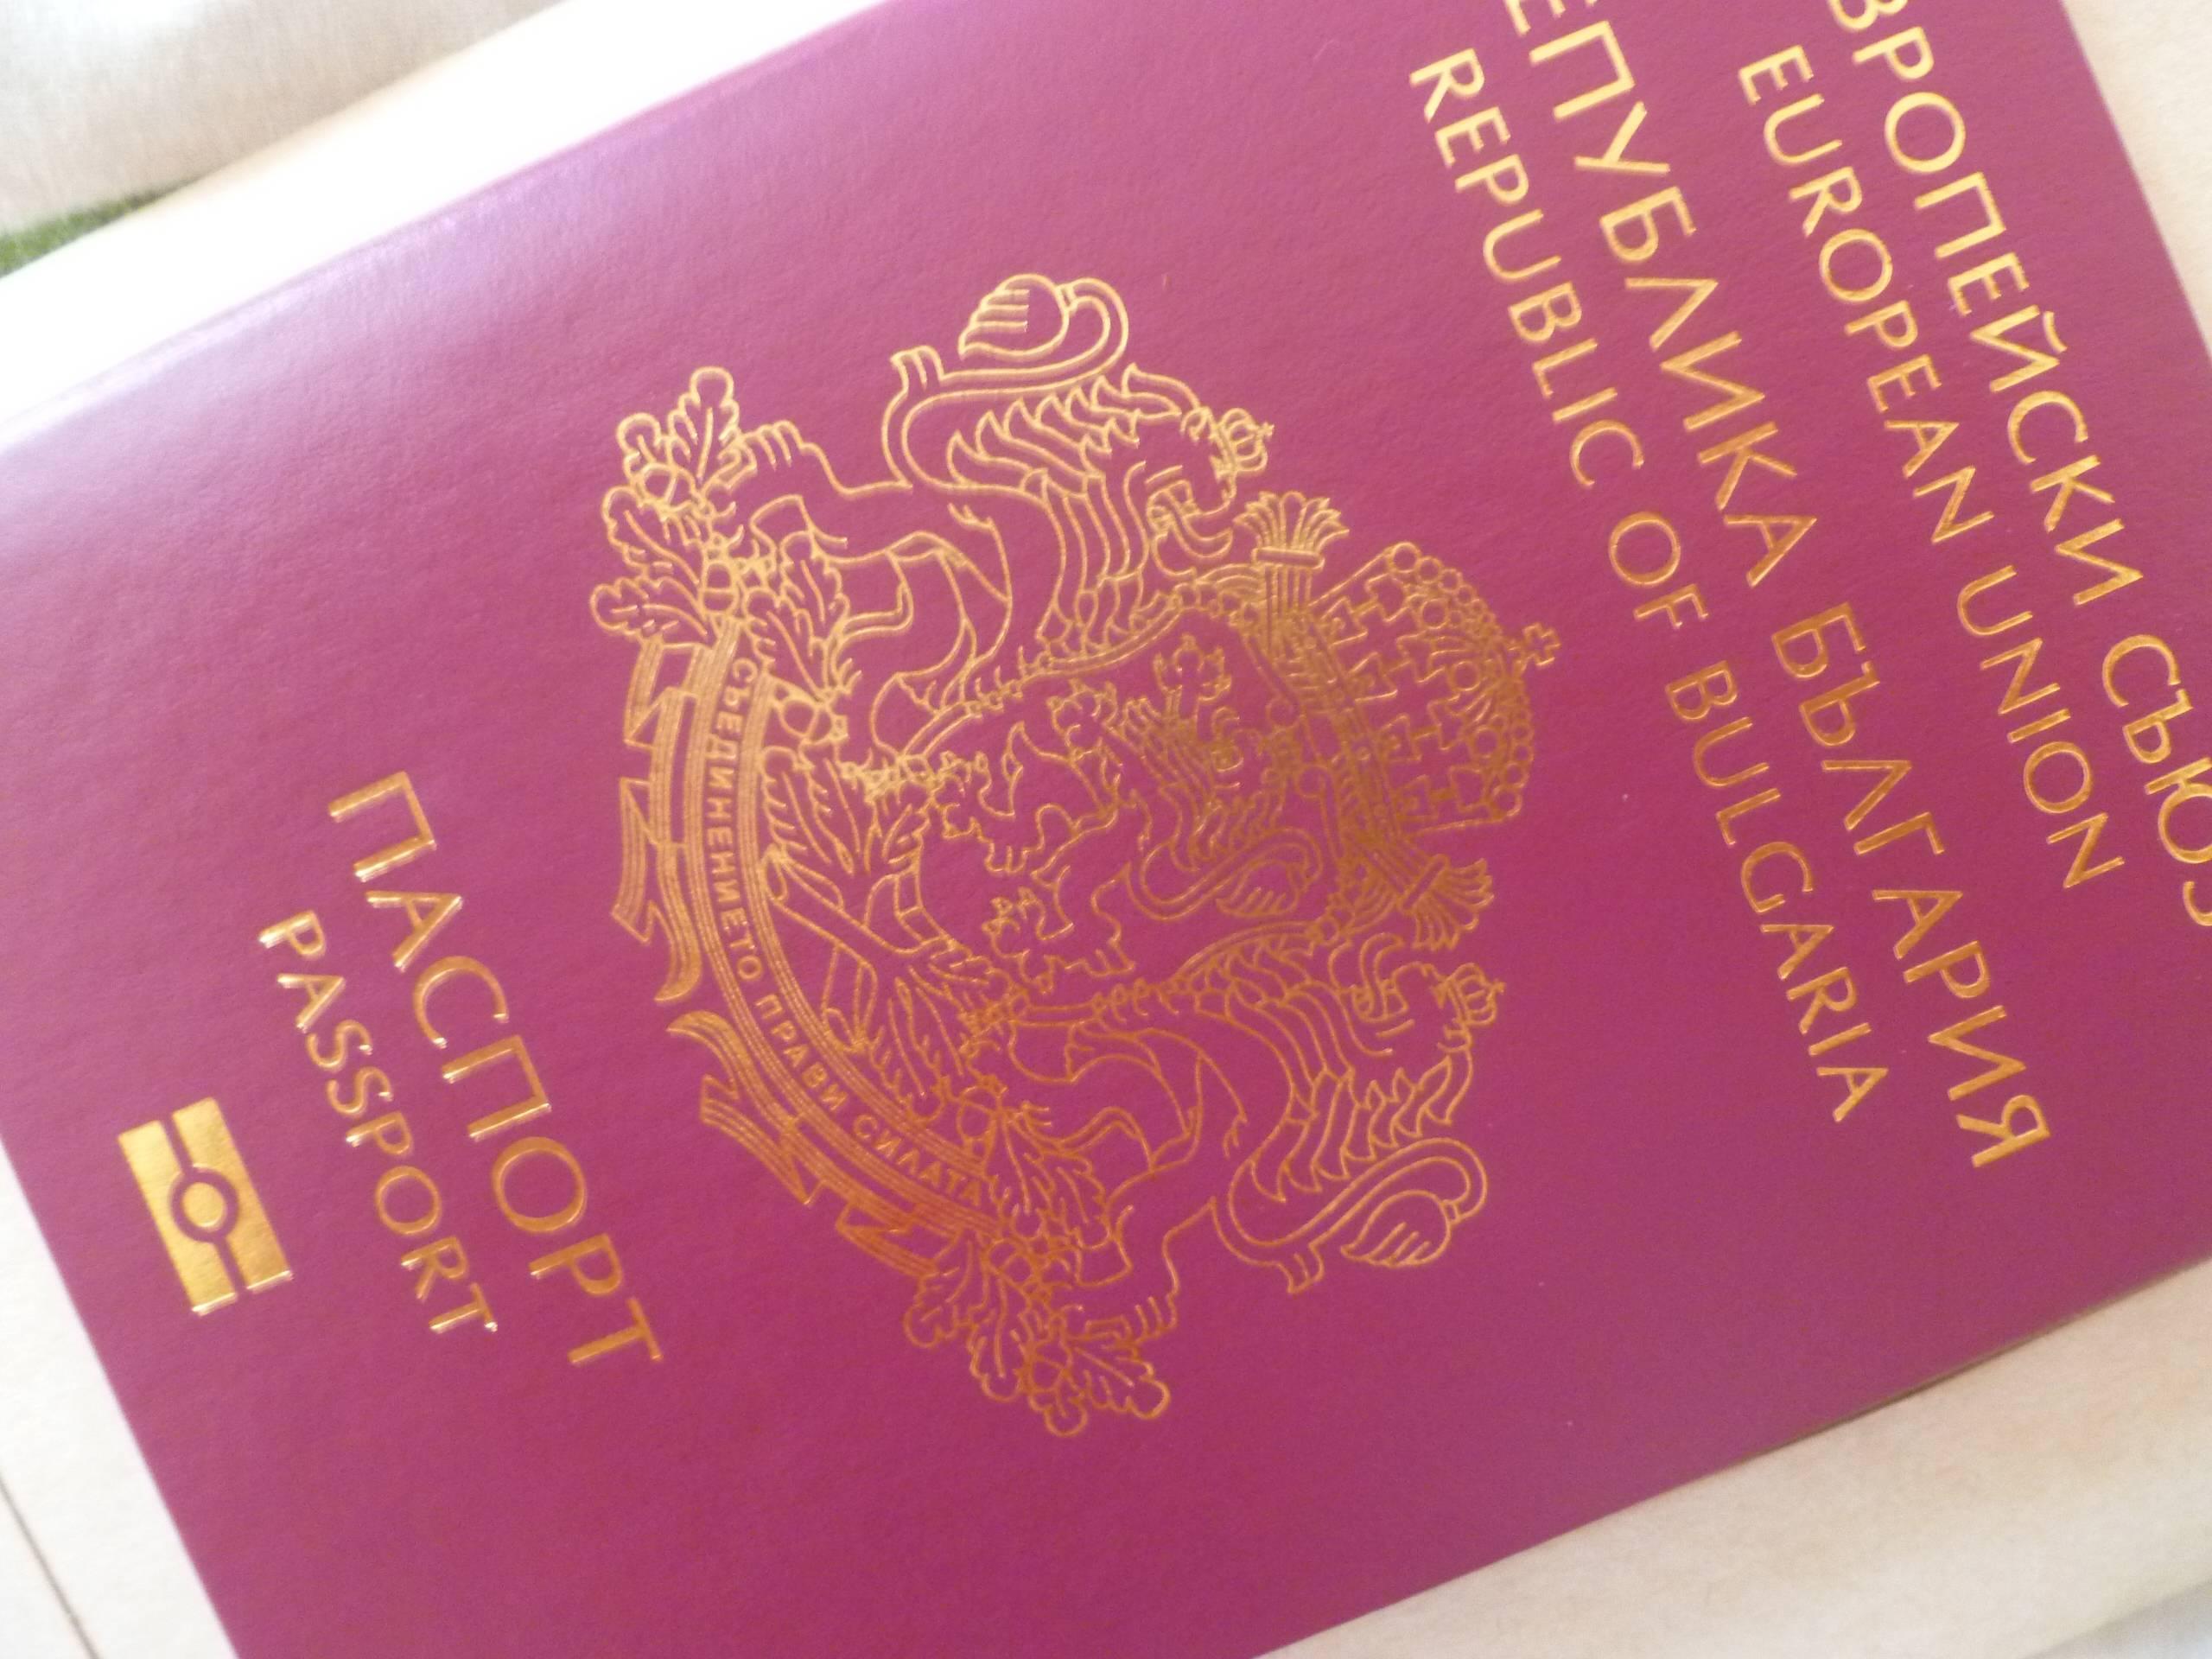 Как получить гражданство болгарии гражданину россии, основные способы и пути